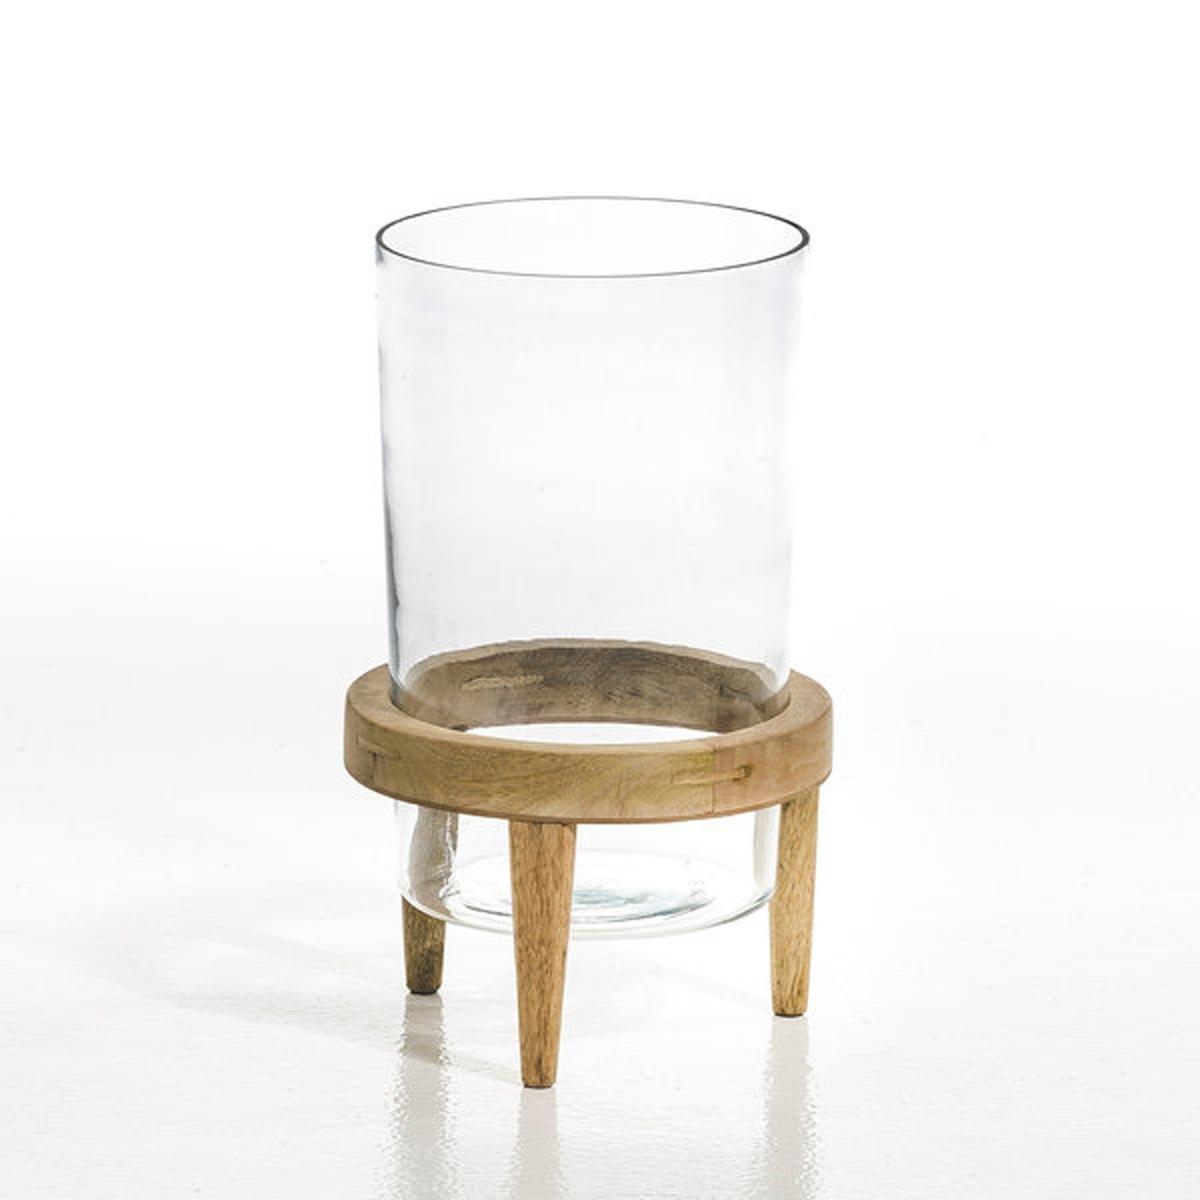 Террариум Bocage из стекла и мангового дерева, диаметр 20 смТеррариум состоит из резервуара из прозрачного стекла, установленного на основание из мангового дерева.Добавьте немного зелени в интерьер дома благодаря этому террариуму, который станет садом в миниатюре.Этот террариум одновременно является предметом декора и экосистемой в миниатюре.Оригинальный террариум позволяет подчеркнуть растения, растущие внутри.Размеры :Размер 1 : диаметр 20 x высота 40 смРазмер 2 : диаметр 25,5 x высота 60 см<br><br>Цвет: серо-бежевый,черный